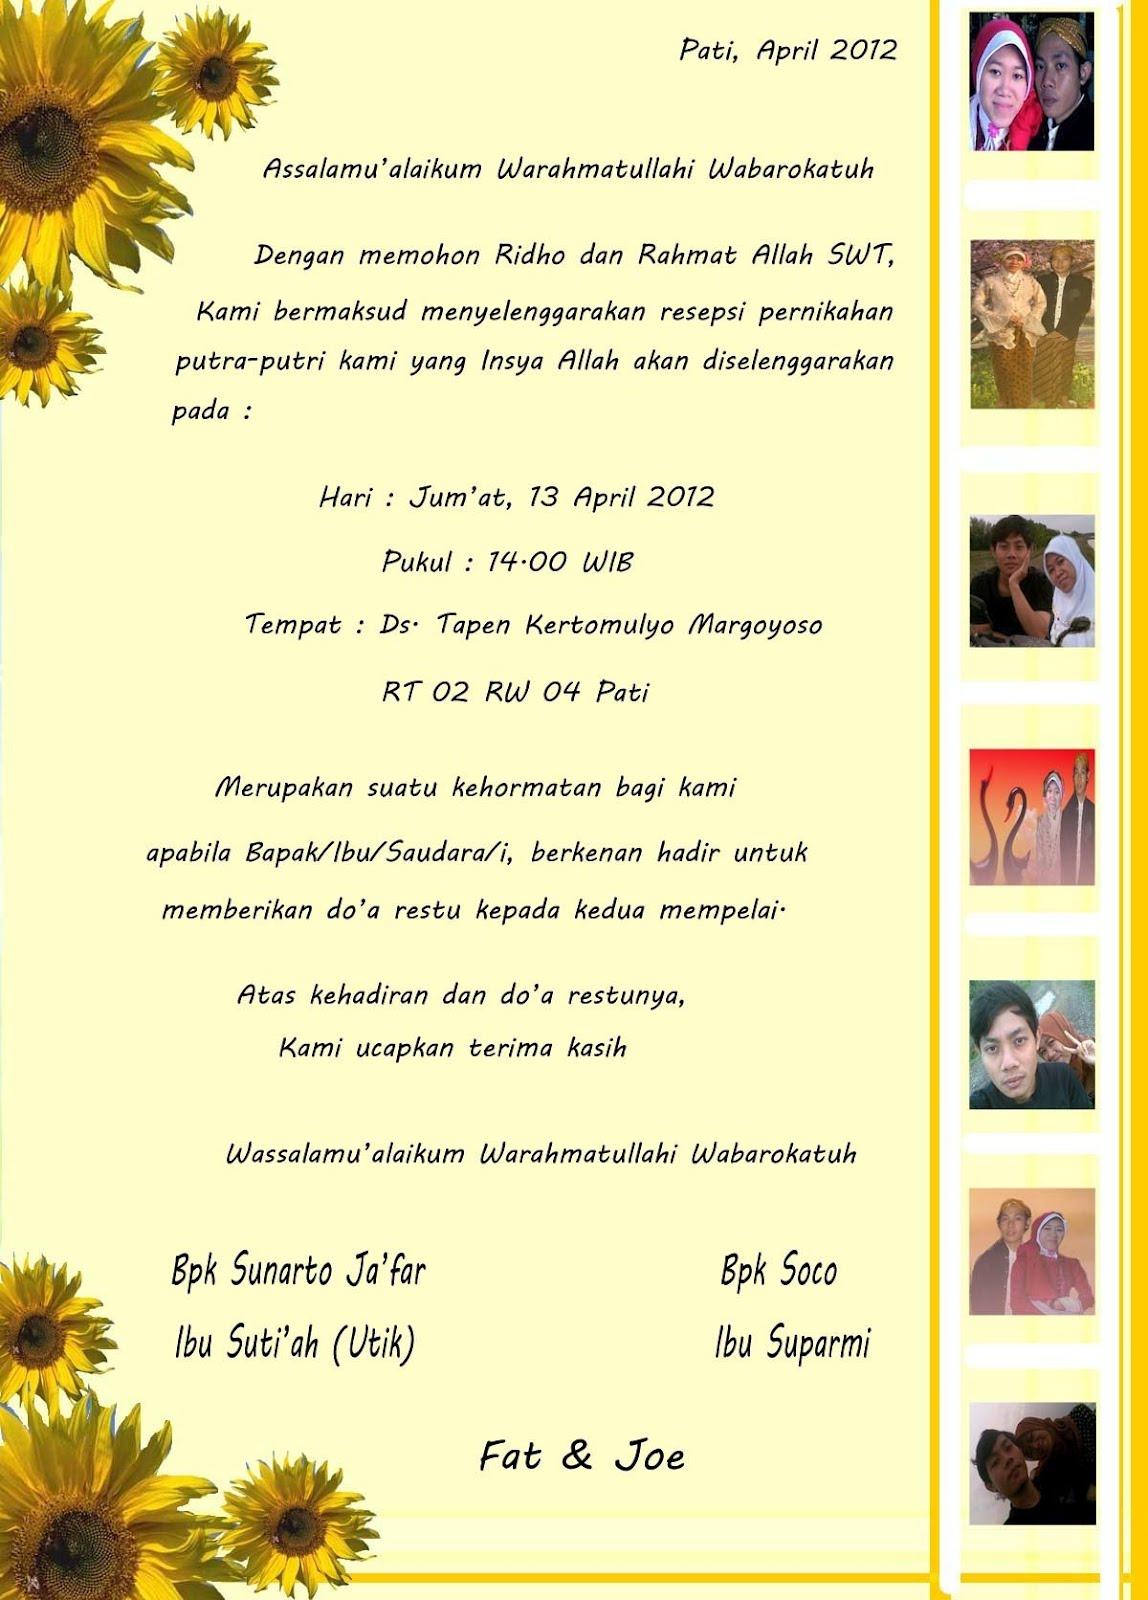 Reach Your Dream 2012 Blouse Rahmat Flower Undangan Pernikahan Suparjo Dan Siti Fatimah